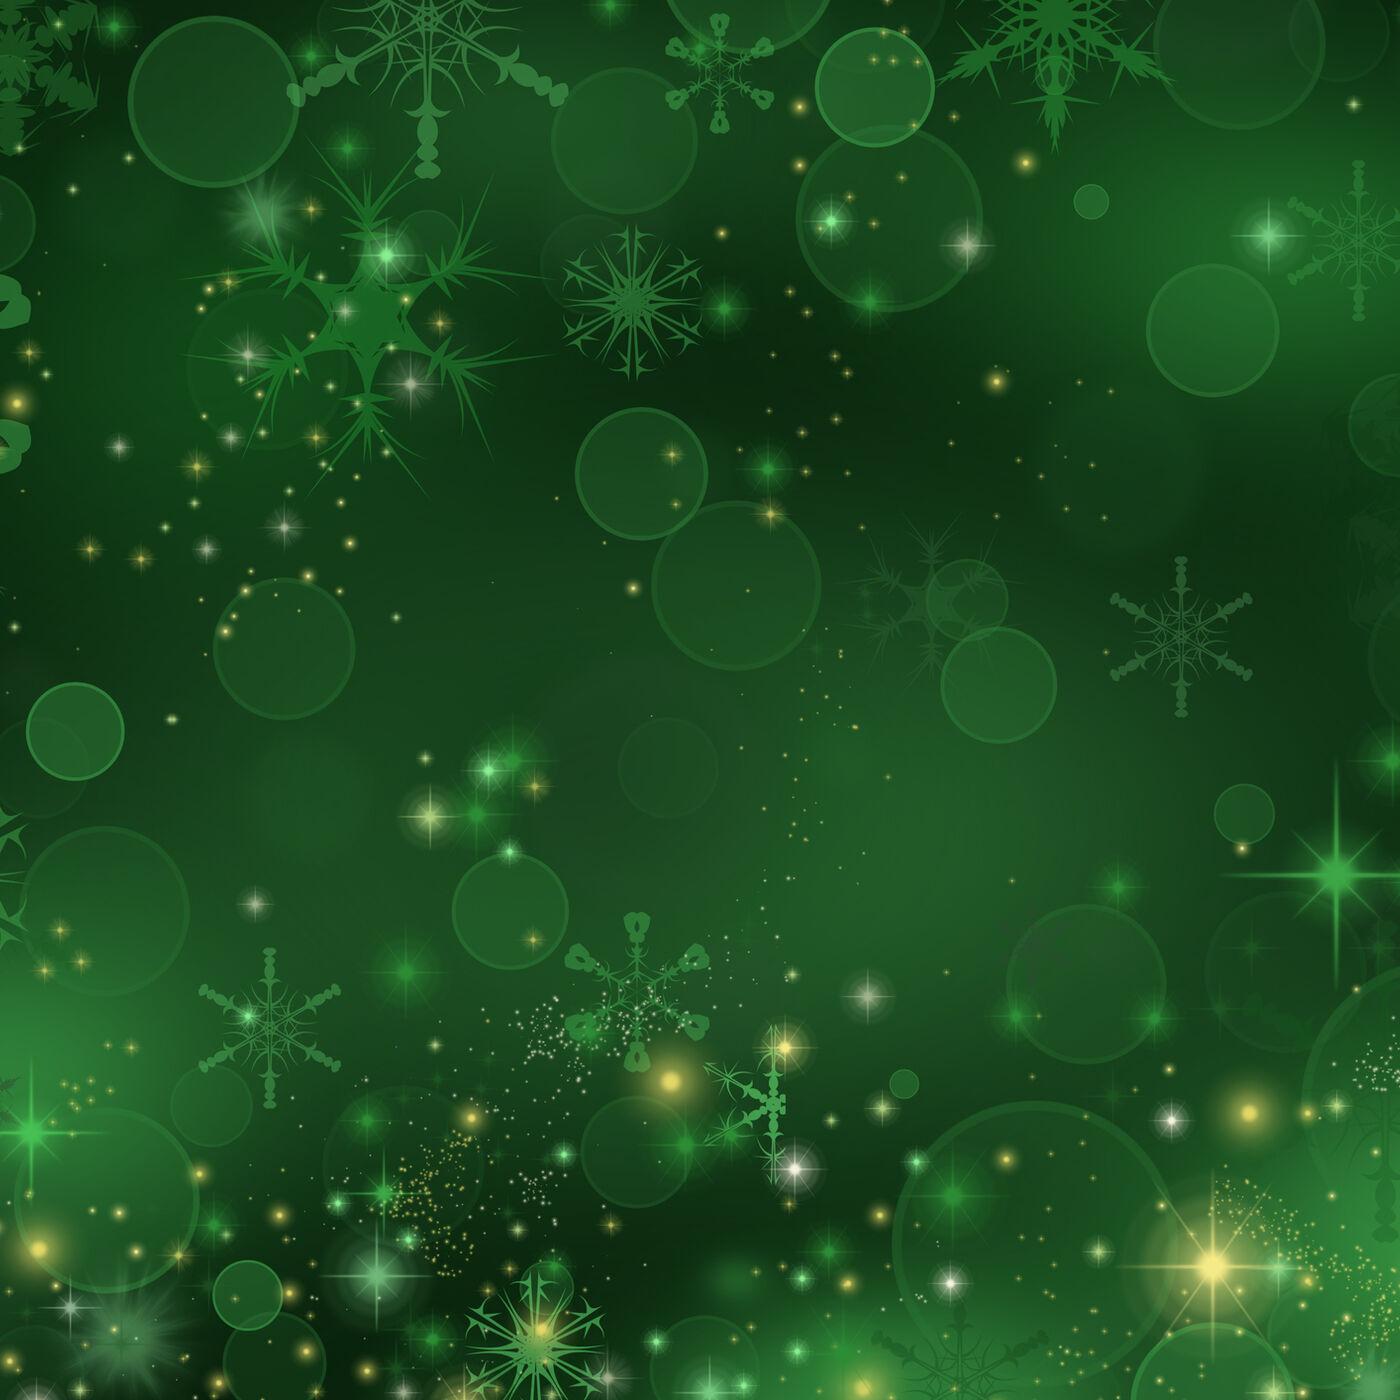 Christmas Green.The Colors Of Christmas A Green Christmas